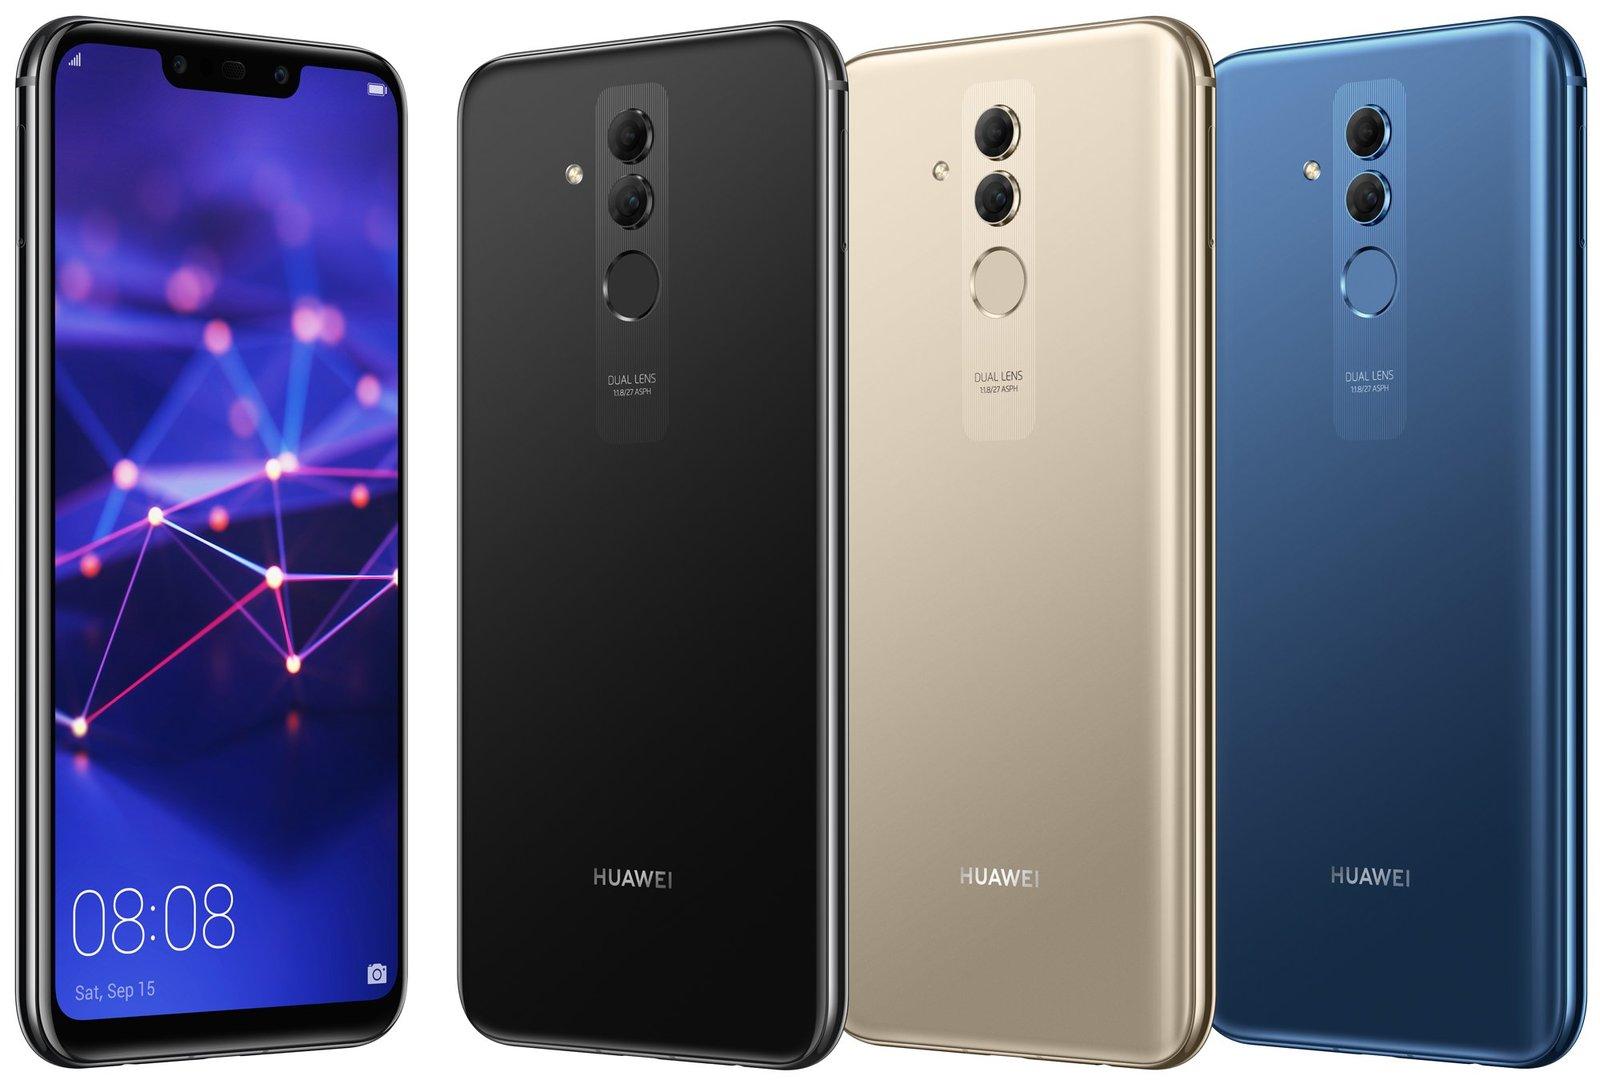 bc0c5b4f46b Test smartfona Huawei Mate 20 Lite – Syndrom sequela   PurePC.pl